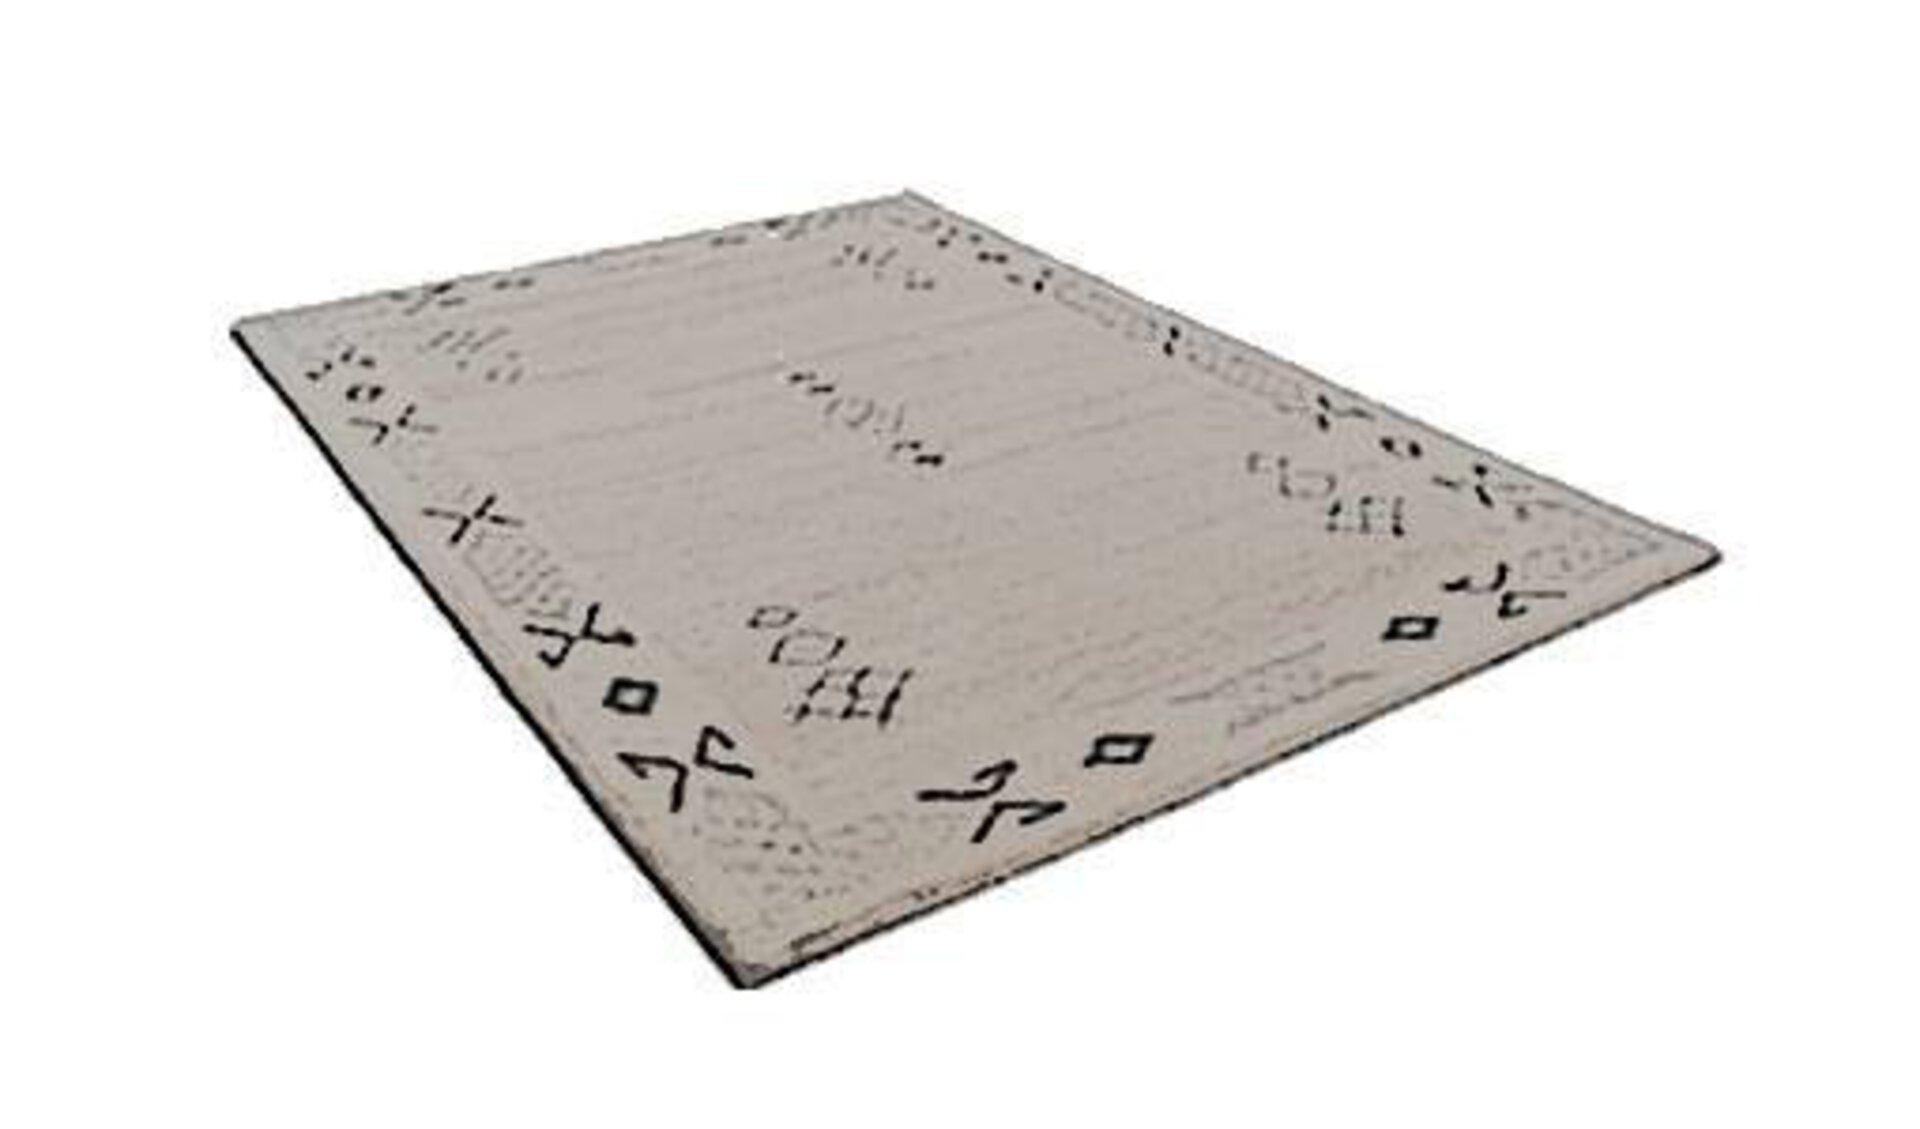 Stilisierter Berberteppich als Synonym für die Kategorie. Auf dem grauen Teppich sind leichte Muster zu erkennen, die typisch für die Berberteppiche sind.